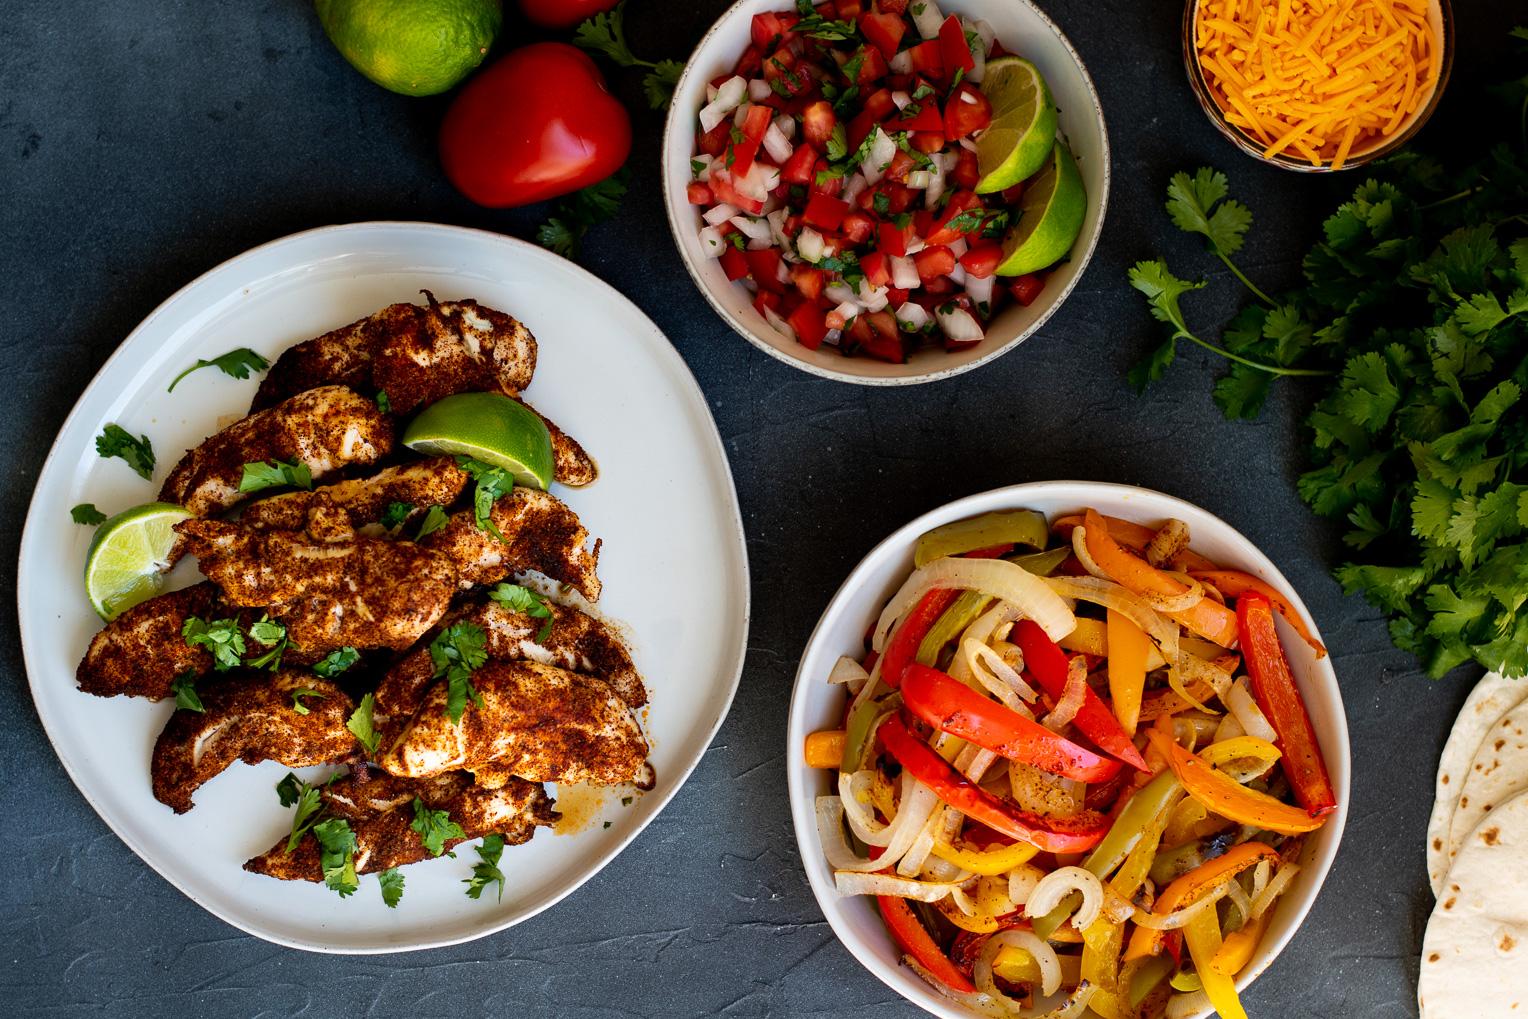 Sheet Pan Chicken and Bell Pepper Fajitas